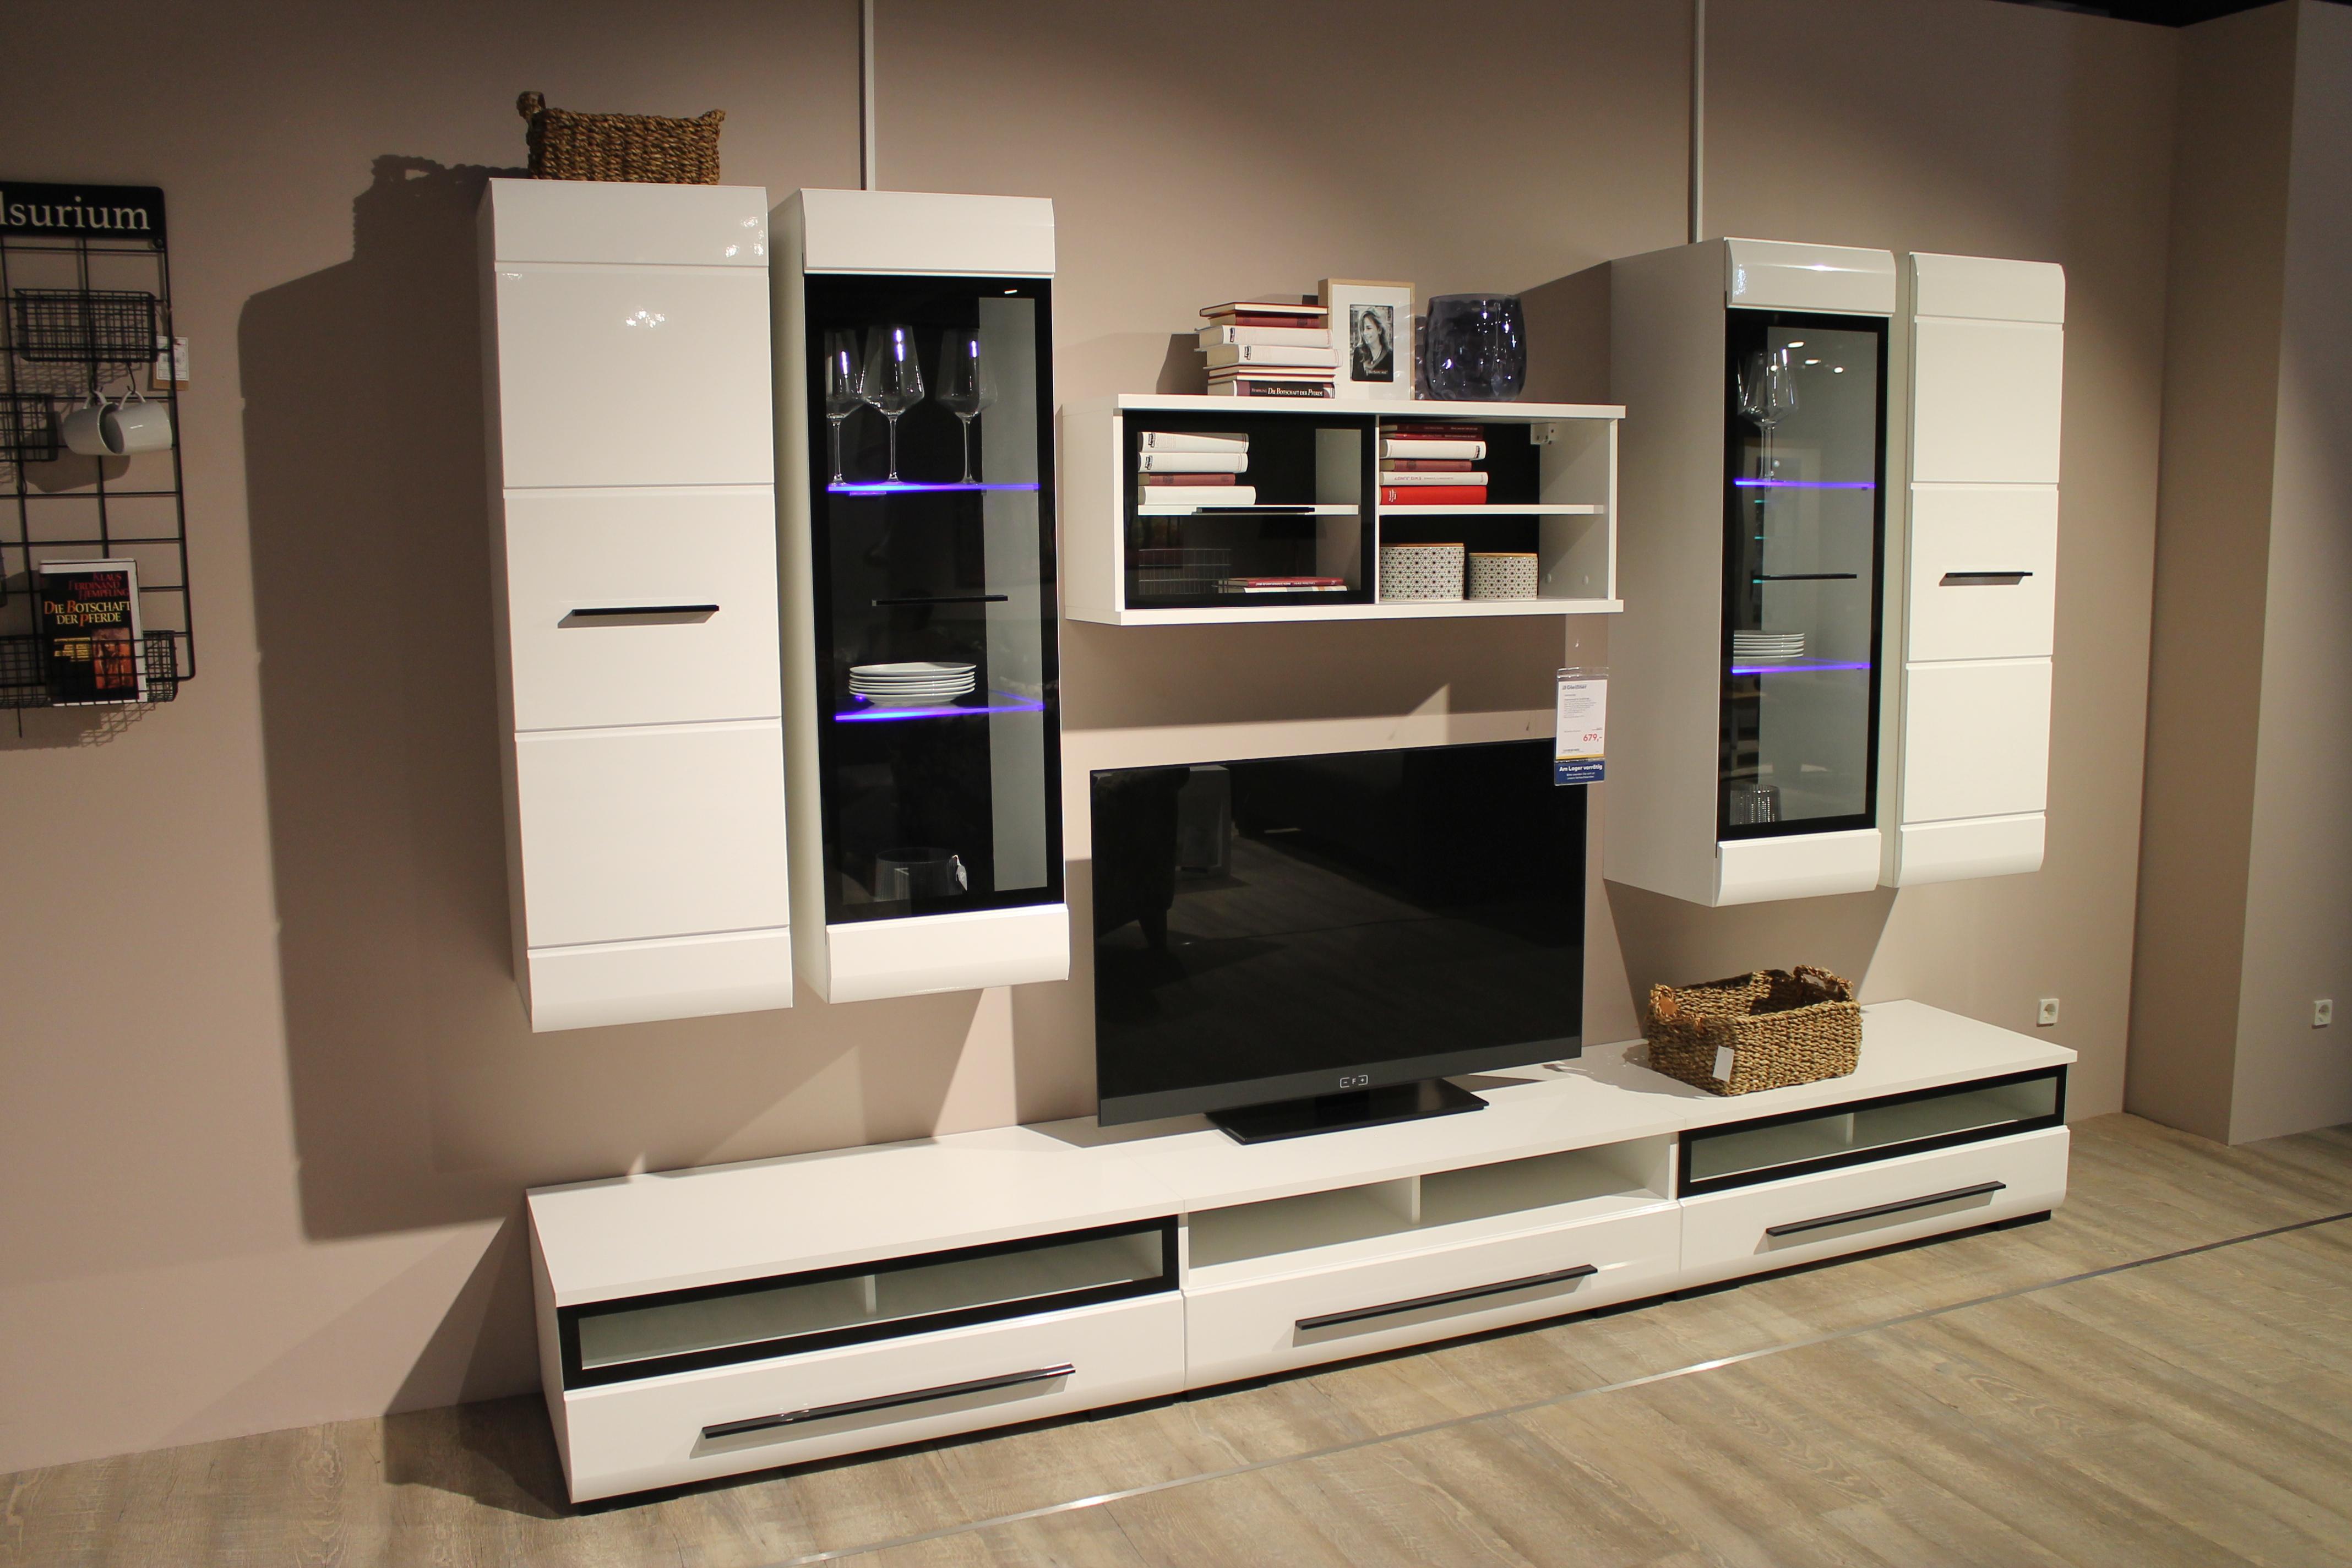 Wohnzimmer Klisch | Anbauwand Hit Ausstellungsstucke Wohnzimmer Mobel Gleissner